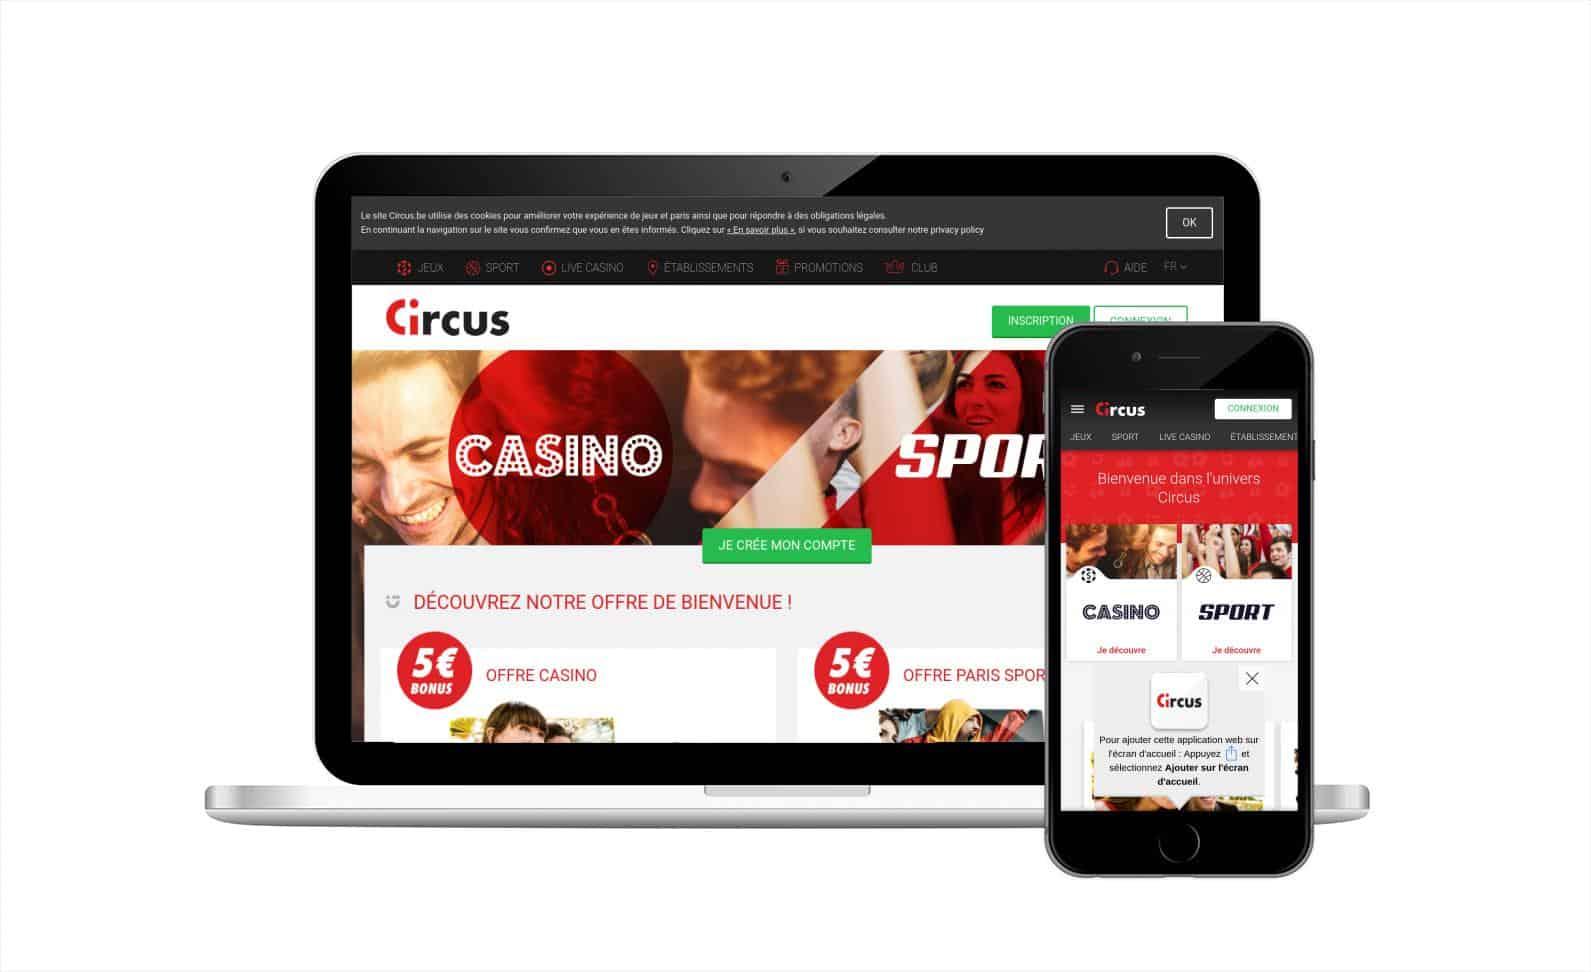 Casino Circus.be